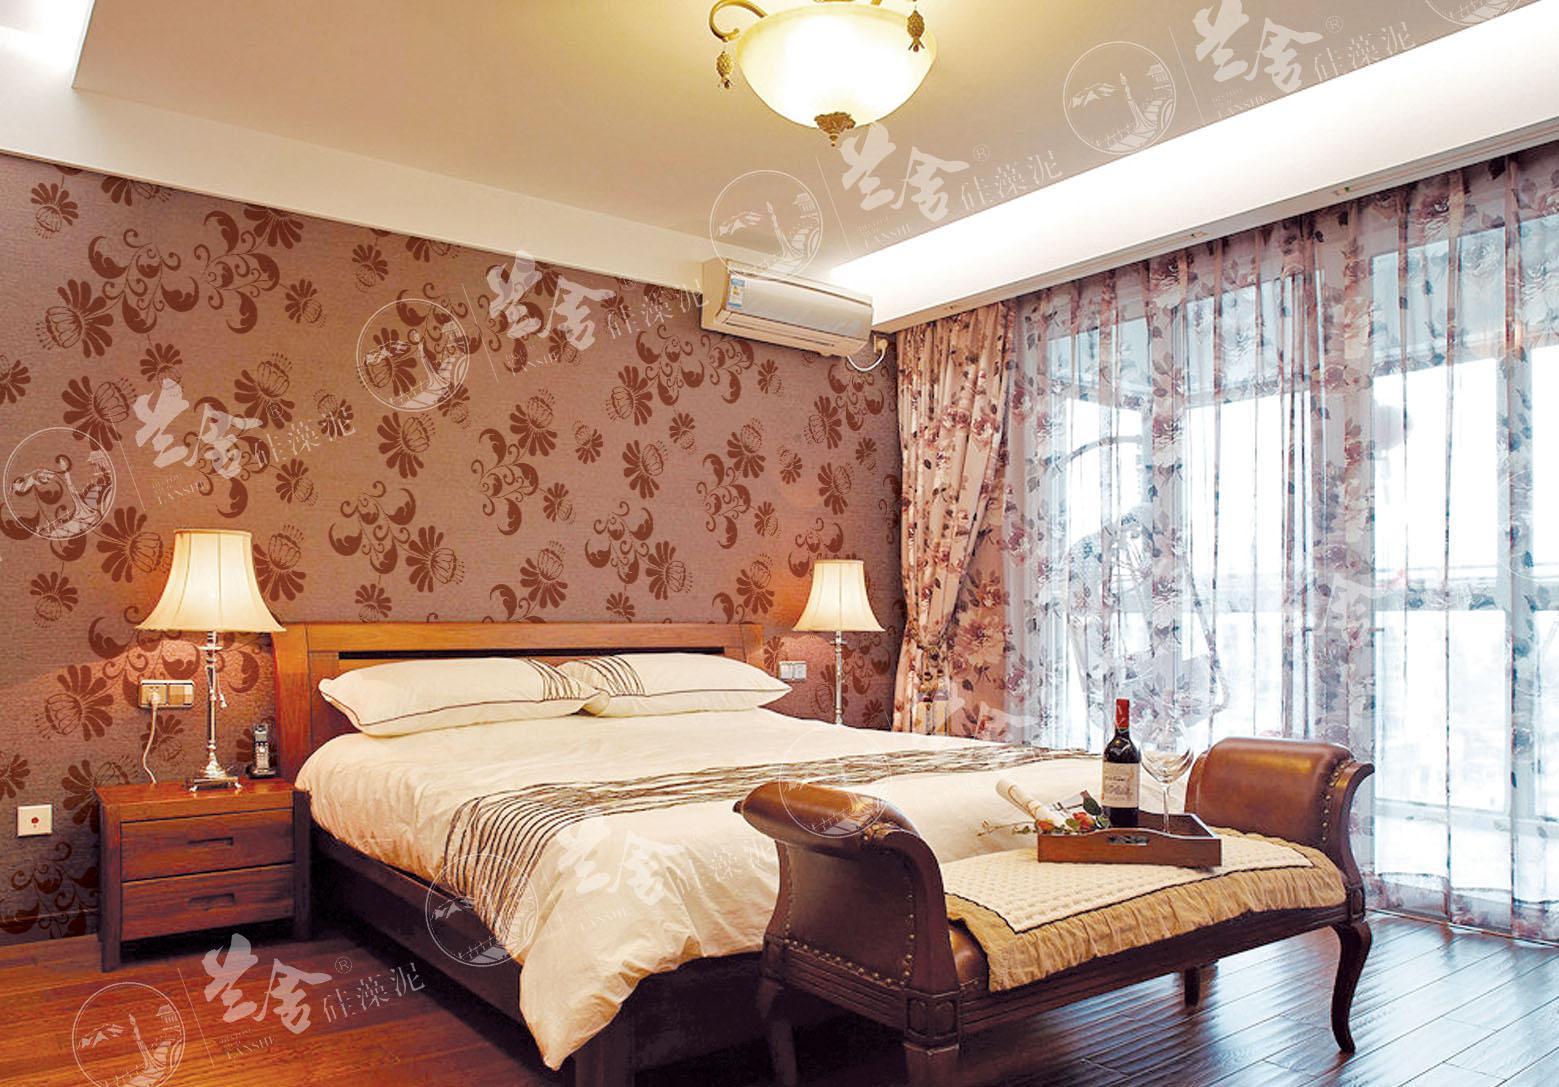 暗纹硅藻泥沙发背景墙图片_精选图集家装秀-中华硅藻泥网